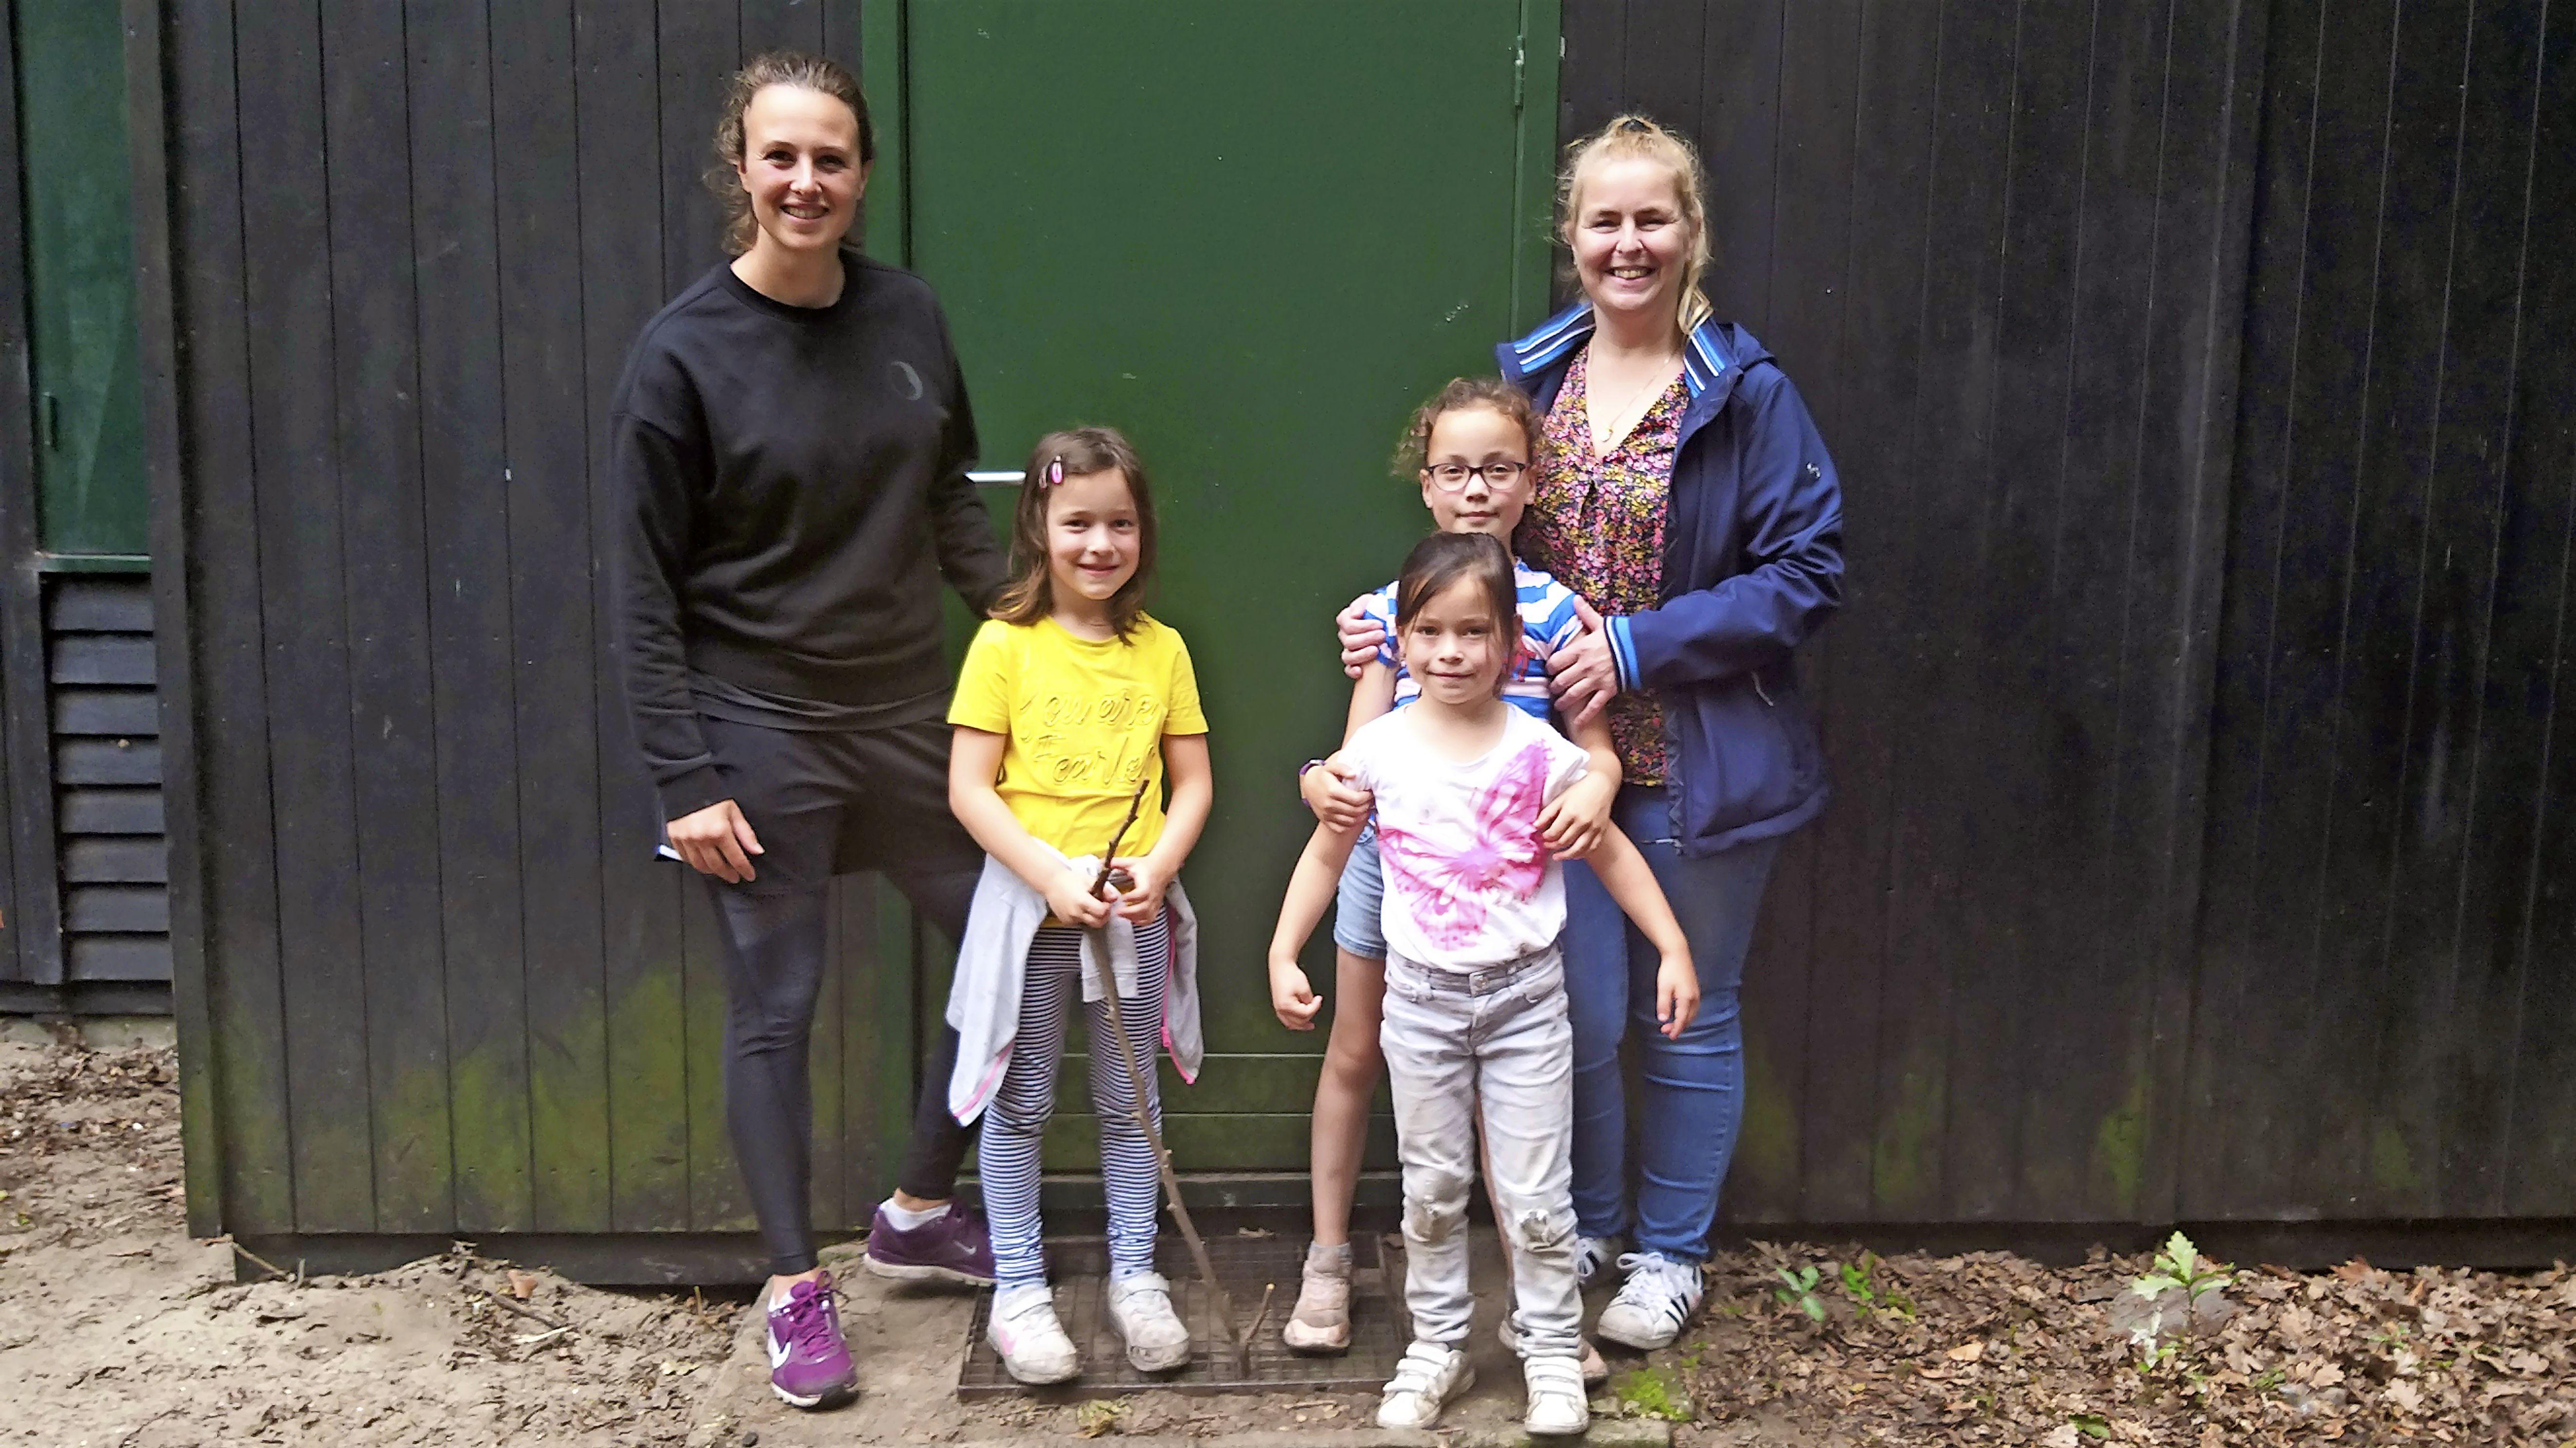 Logeren in het bos bij Wiawaha in Velsen-Zuid 'het uitje van het jaar' voor bso 't Kwakersnest